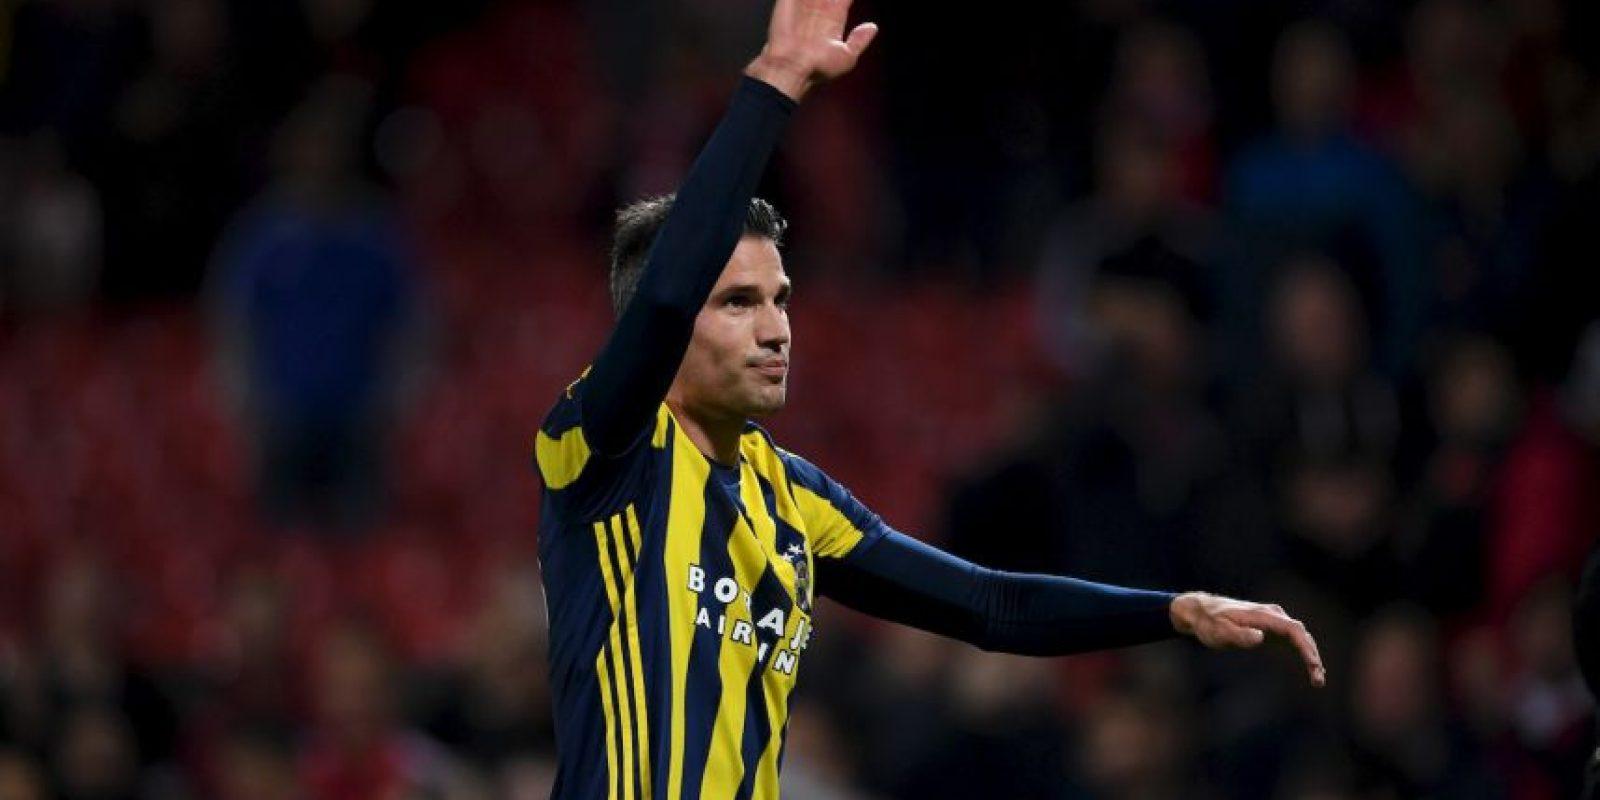 Robin van Persie. En 2012 valía 47.5 millones de euros. Ahora juega en Fenerbahce y su valor es de nueve millones Foto:Getty Images